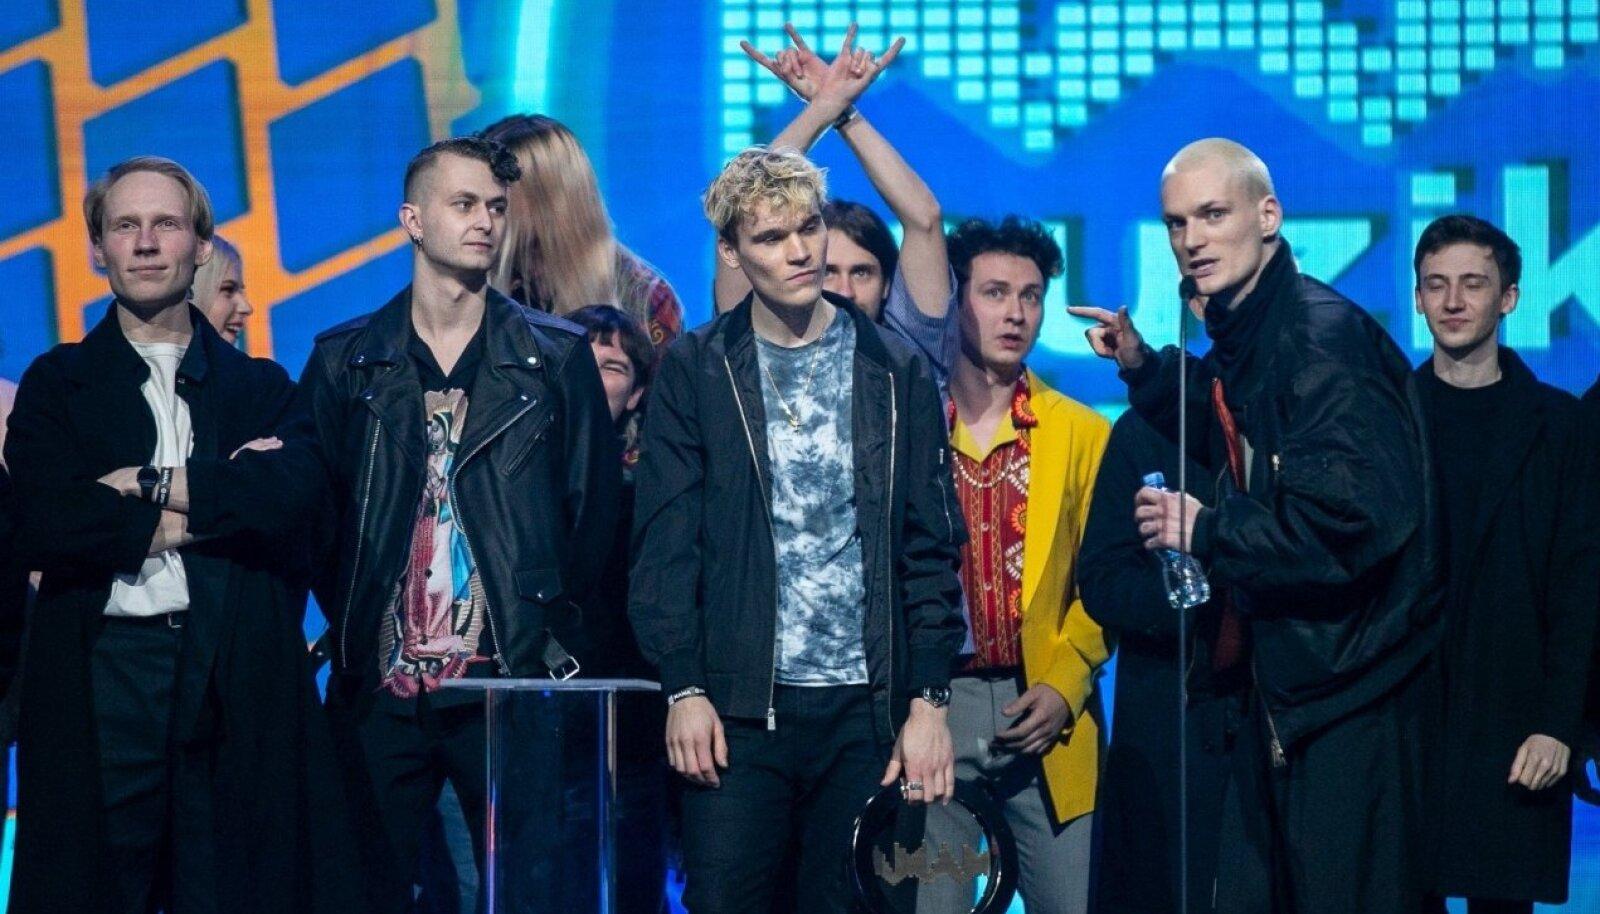 Leedu muusikaauhinnad